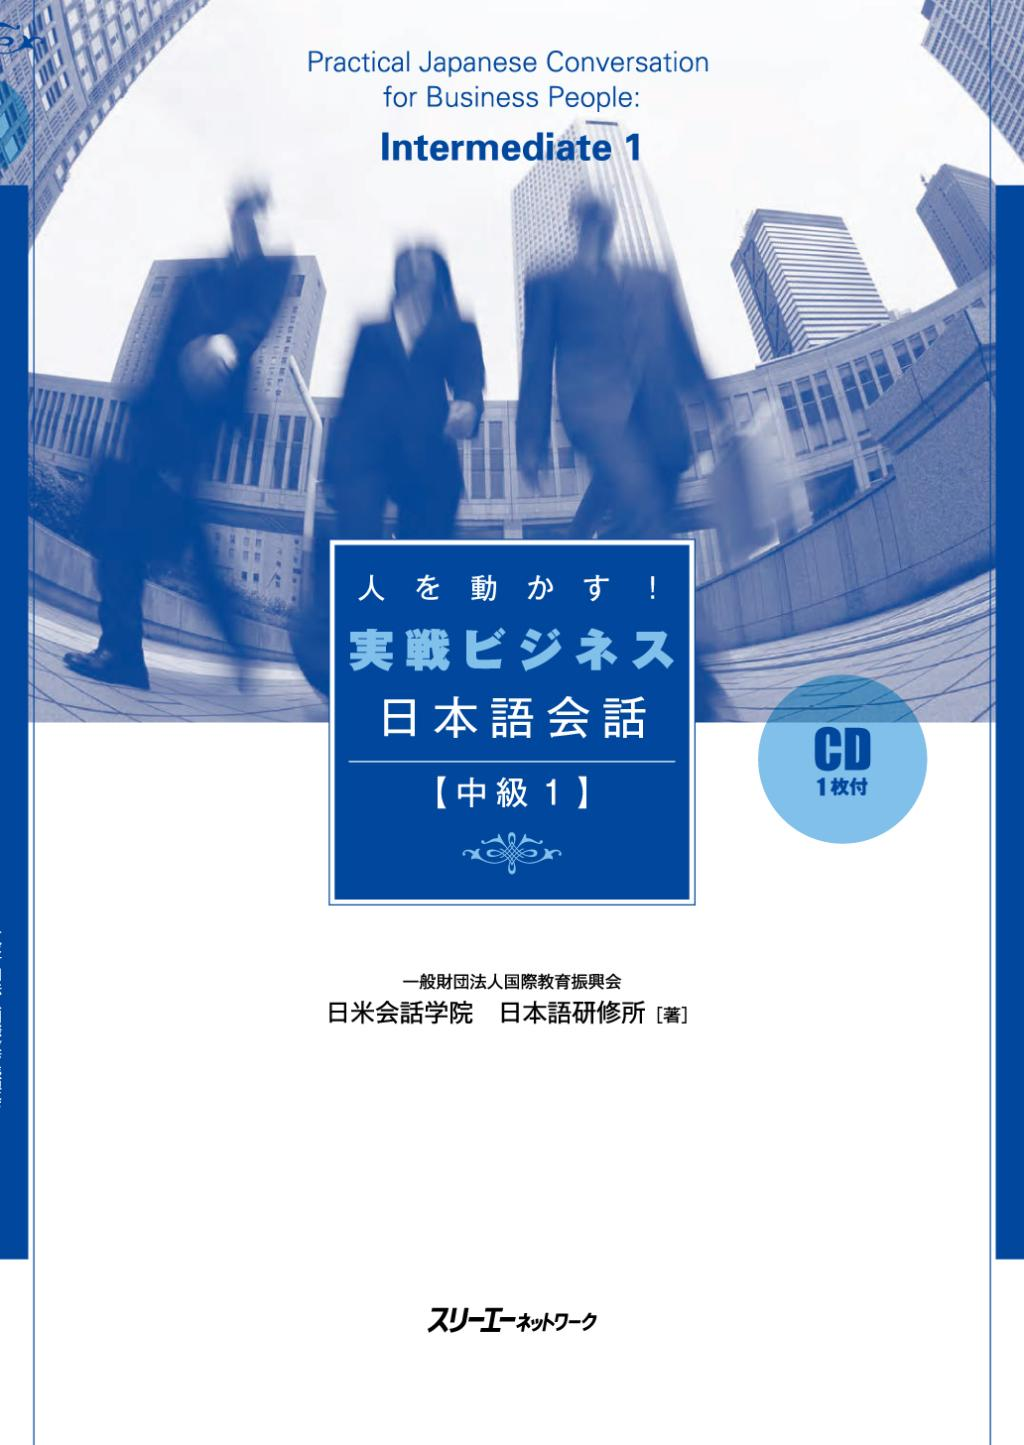 人を動かす! 実戦ビジネス日本語会話 中級1の画像